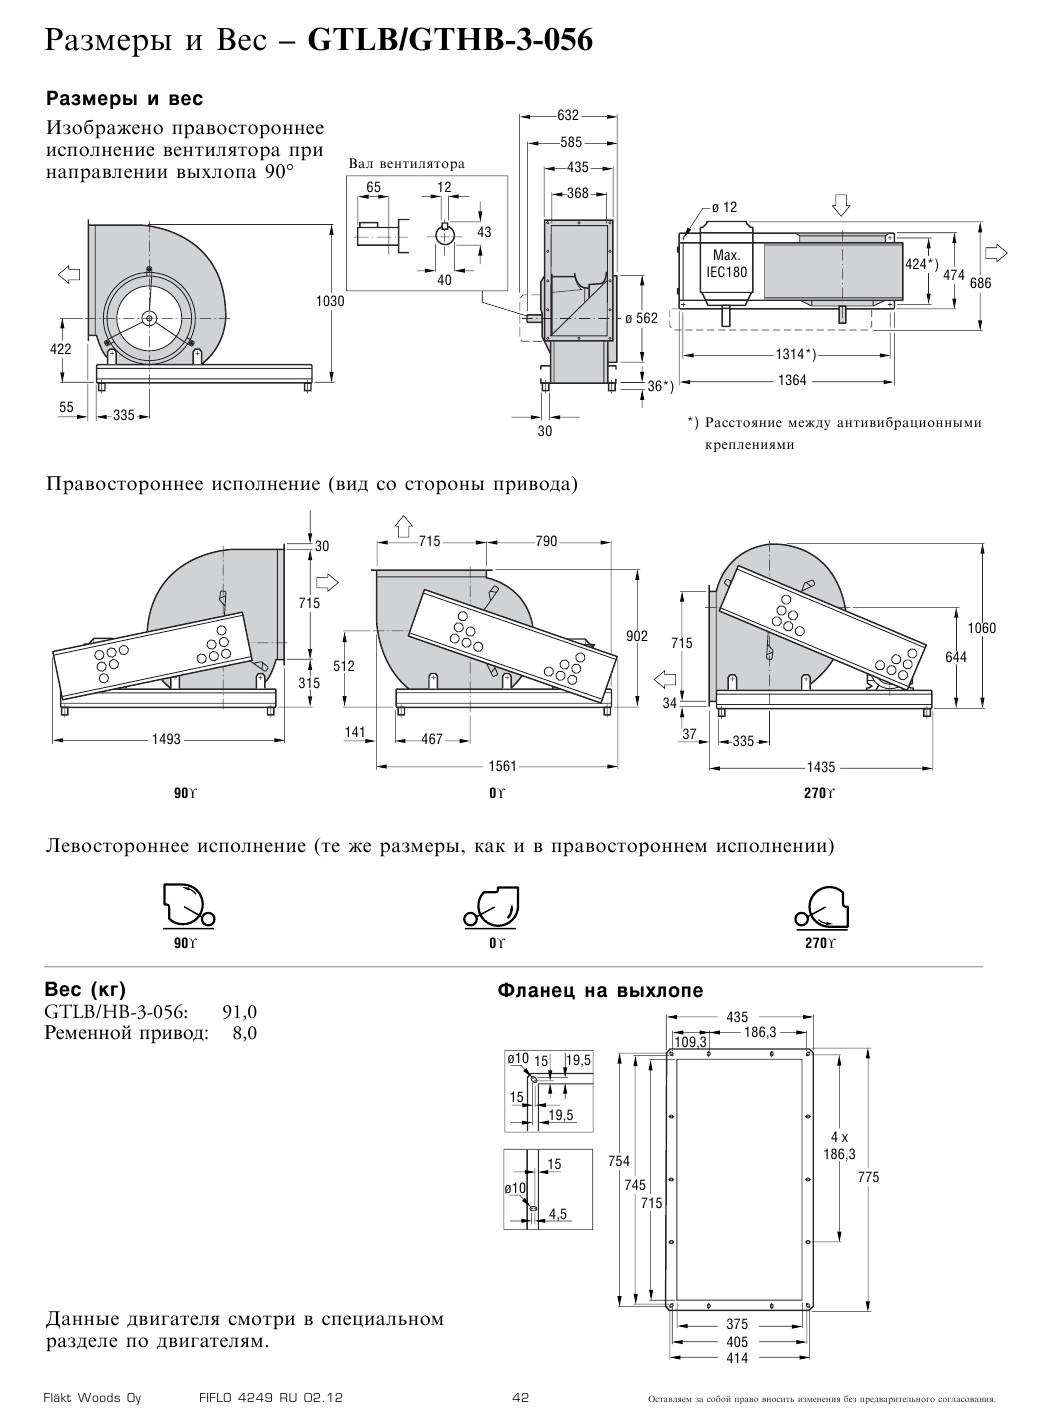 Габаритные и присоединительные размеры Flaktwoods GTHB-3-056